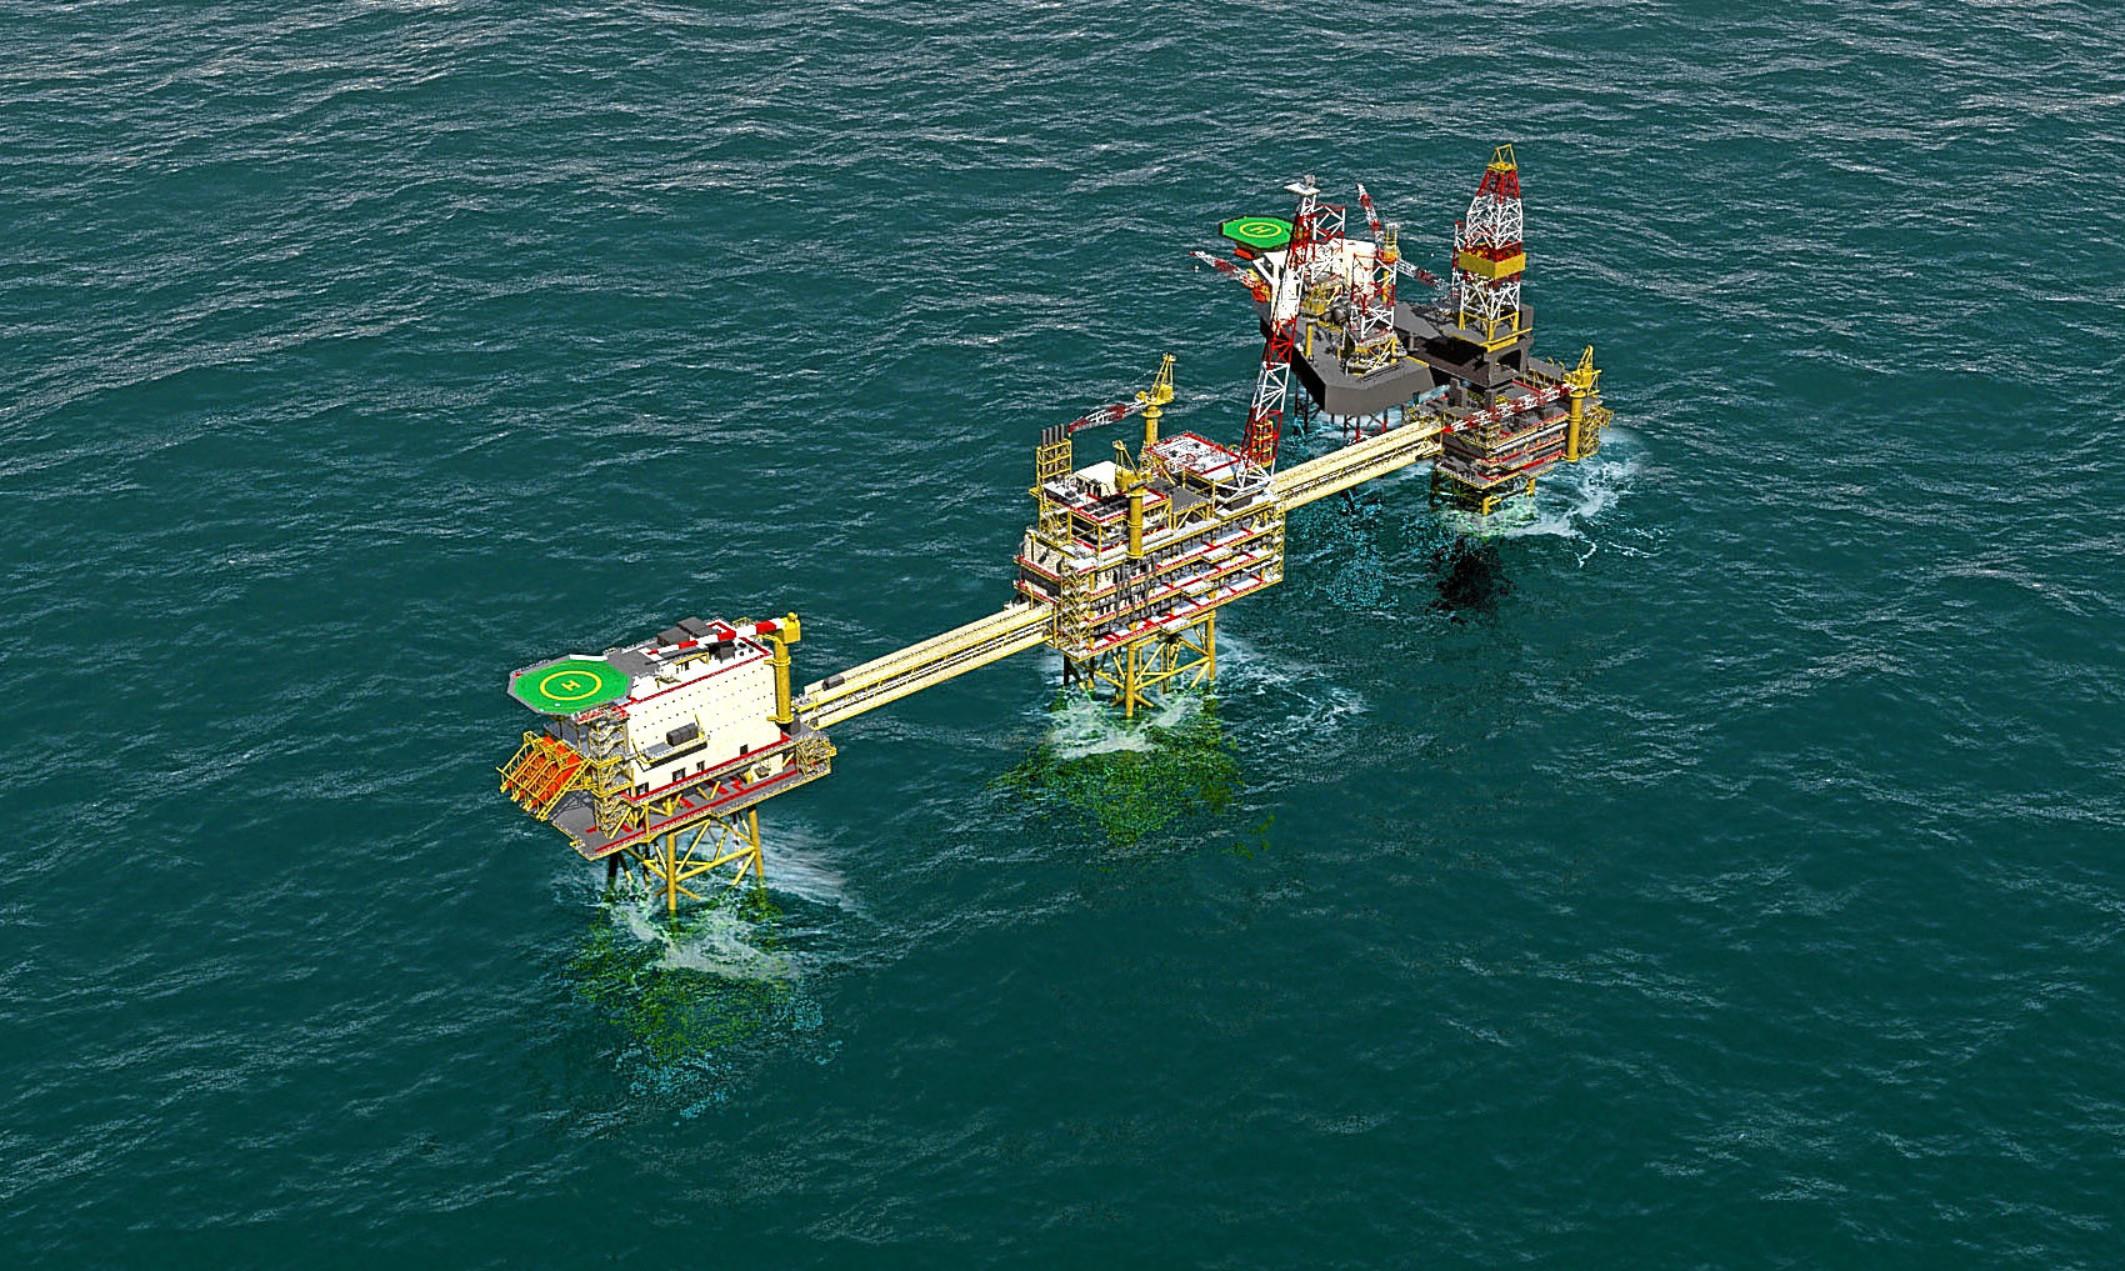 Culzean gas field in the North Sea